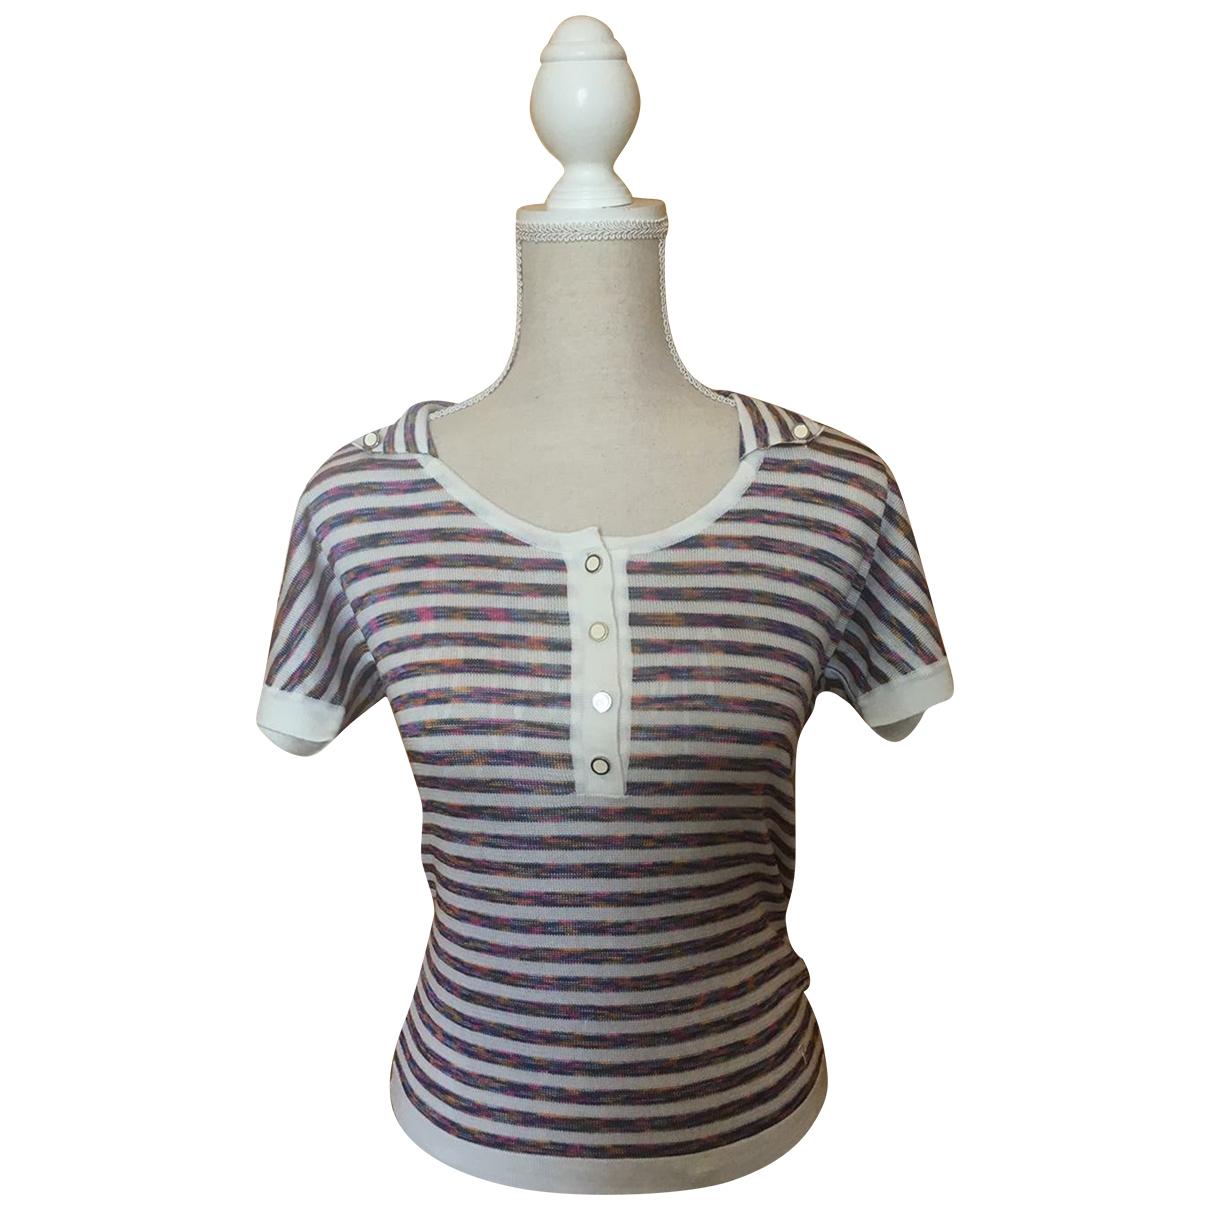 Tods - Top   pour femme en coton - multicolore